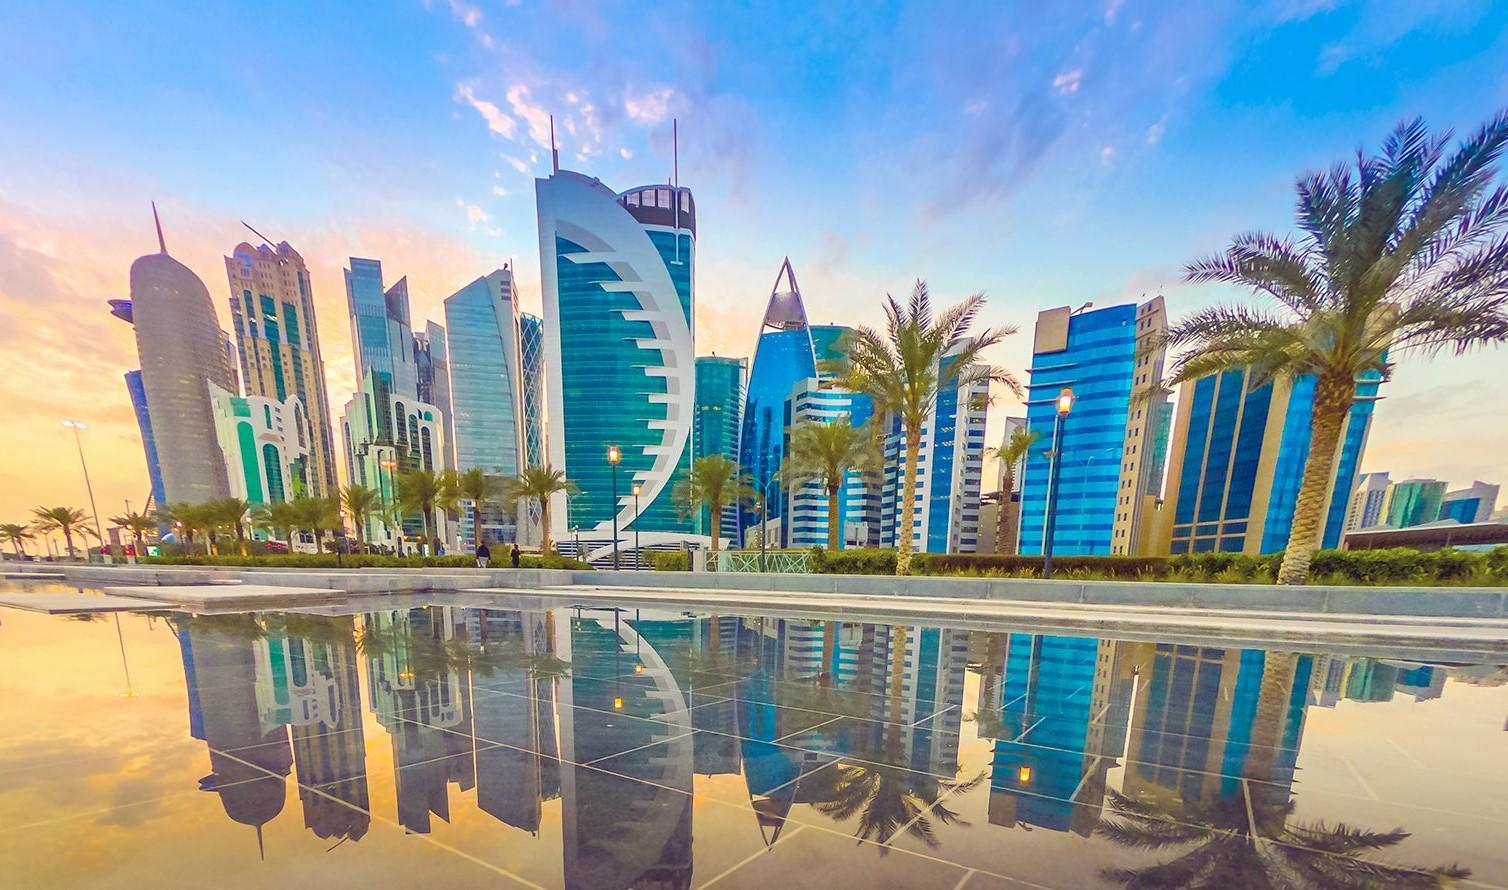 سفر به دوحه - گردشگری قطر